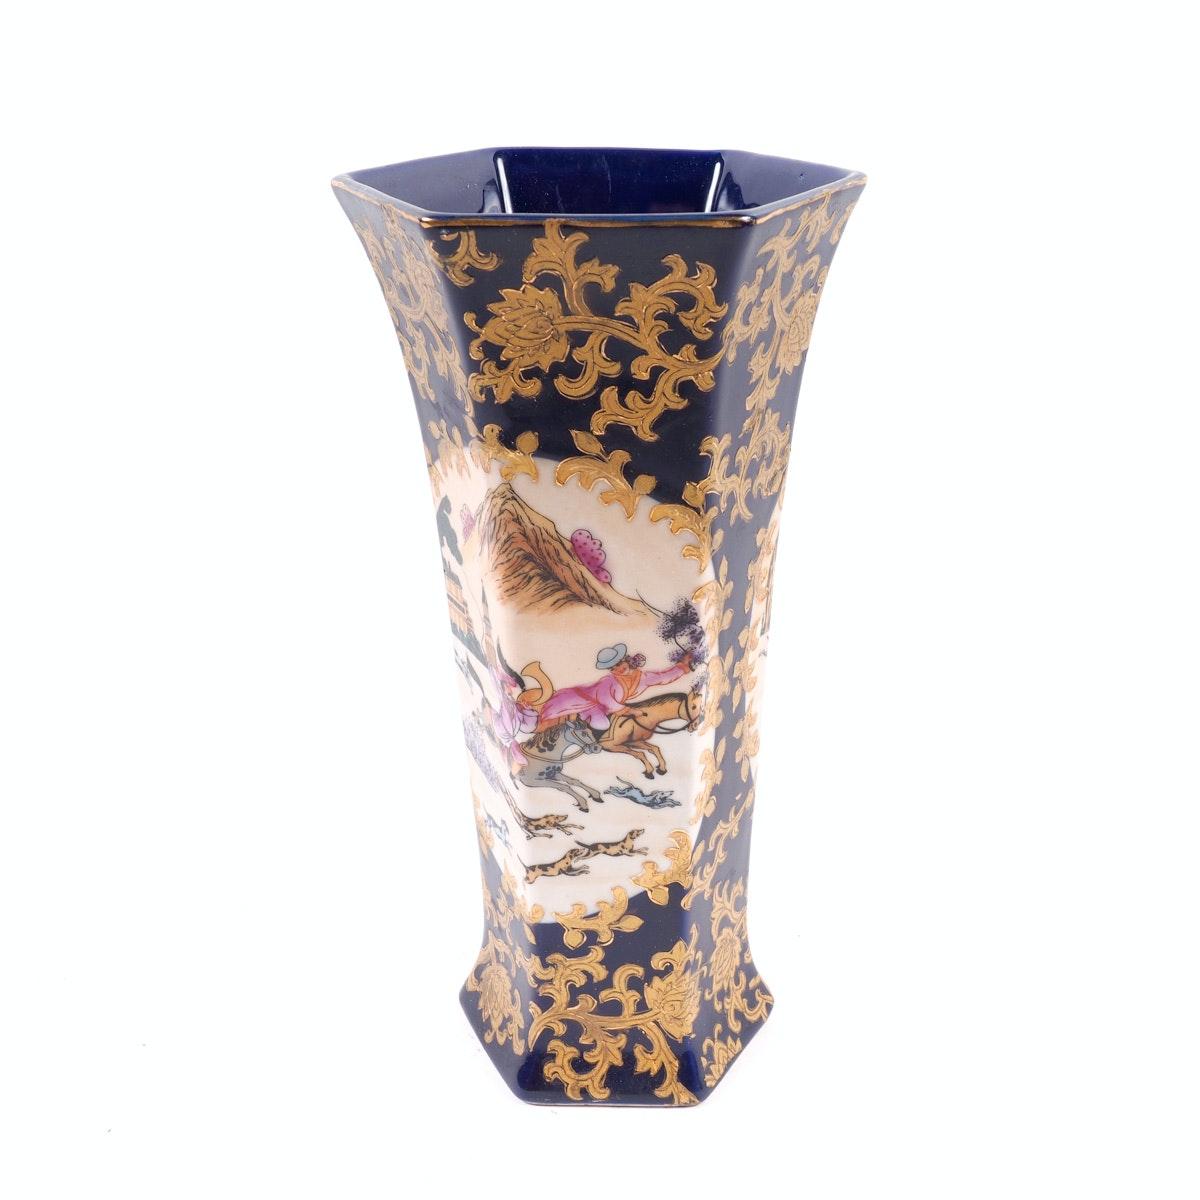 Hand Painted Hexagonal Chinese Vase